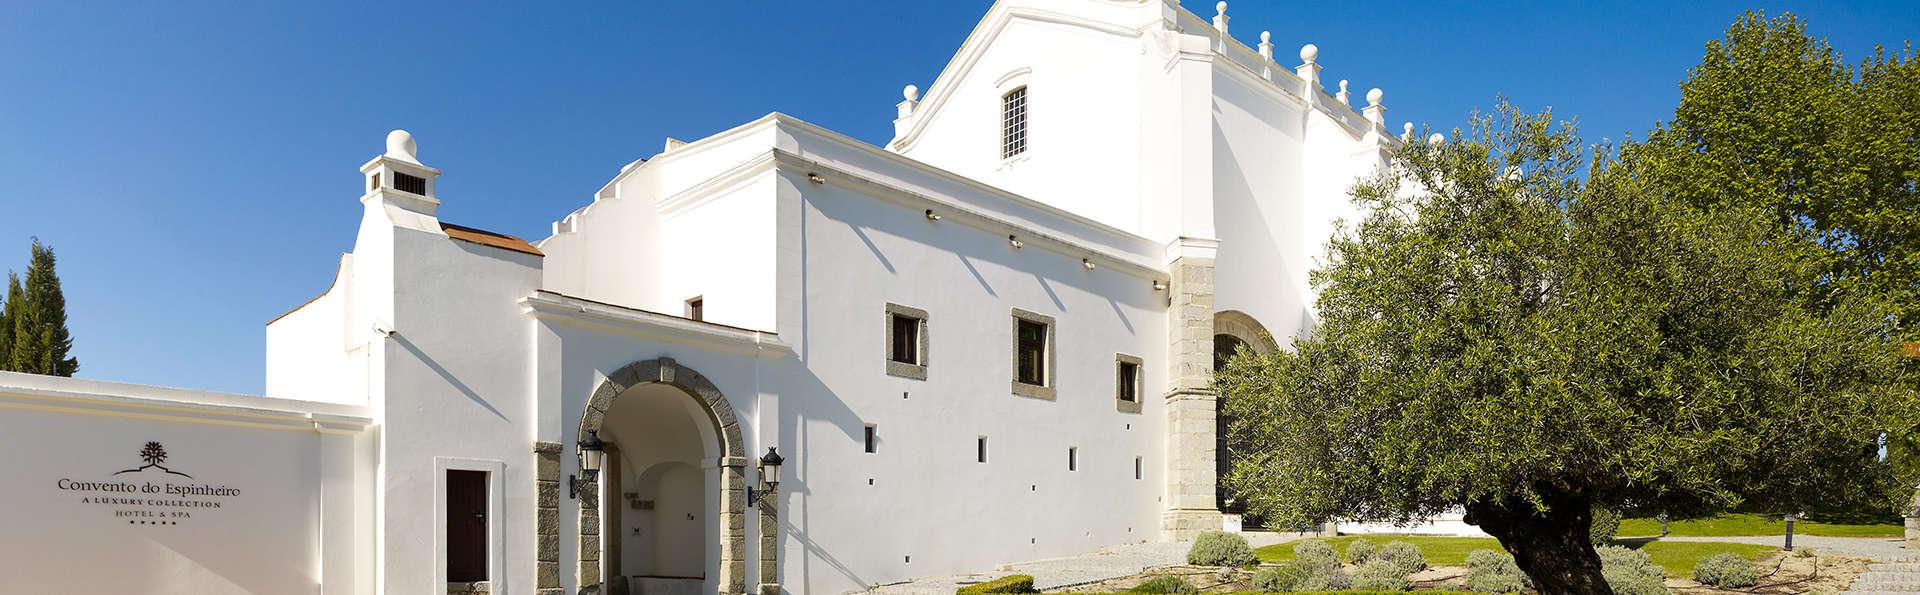 Hotel Convento do Espinheiro - EDIT_front1.jpg